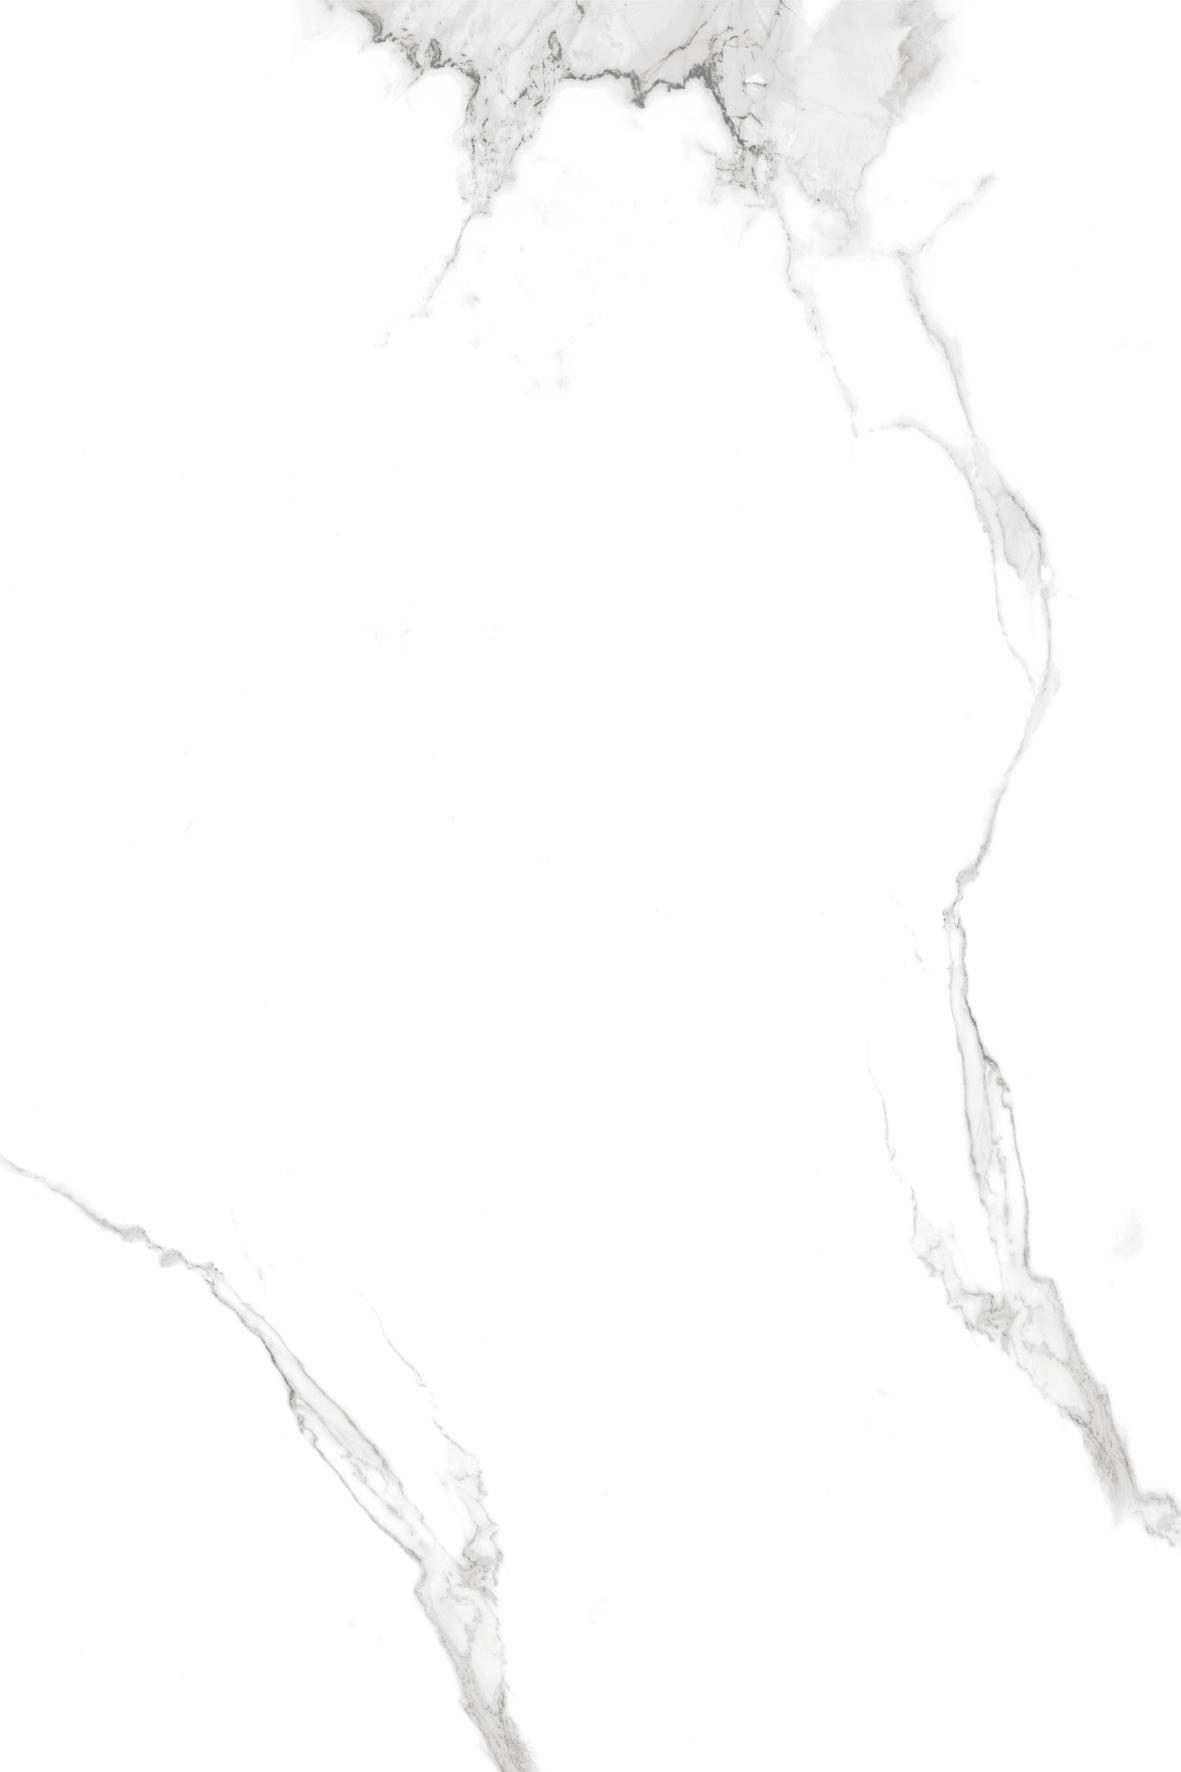 冠珠瓷砖极品卡拉拉大理石